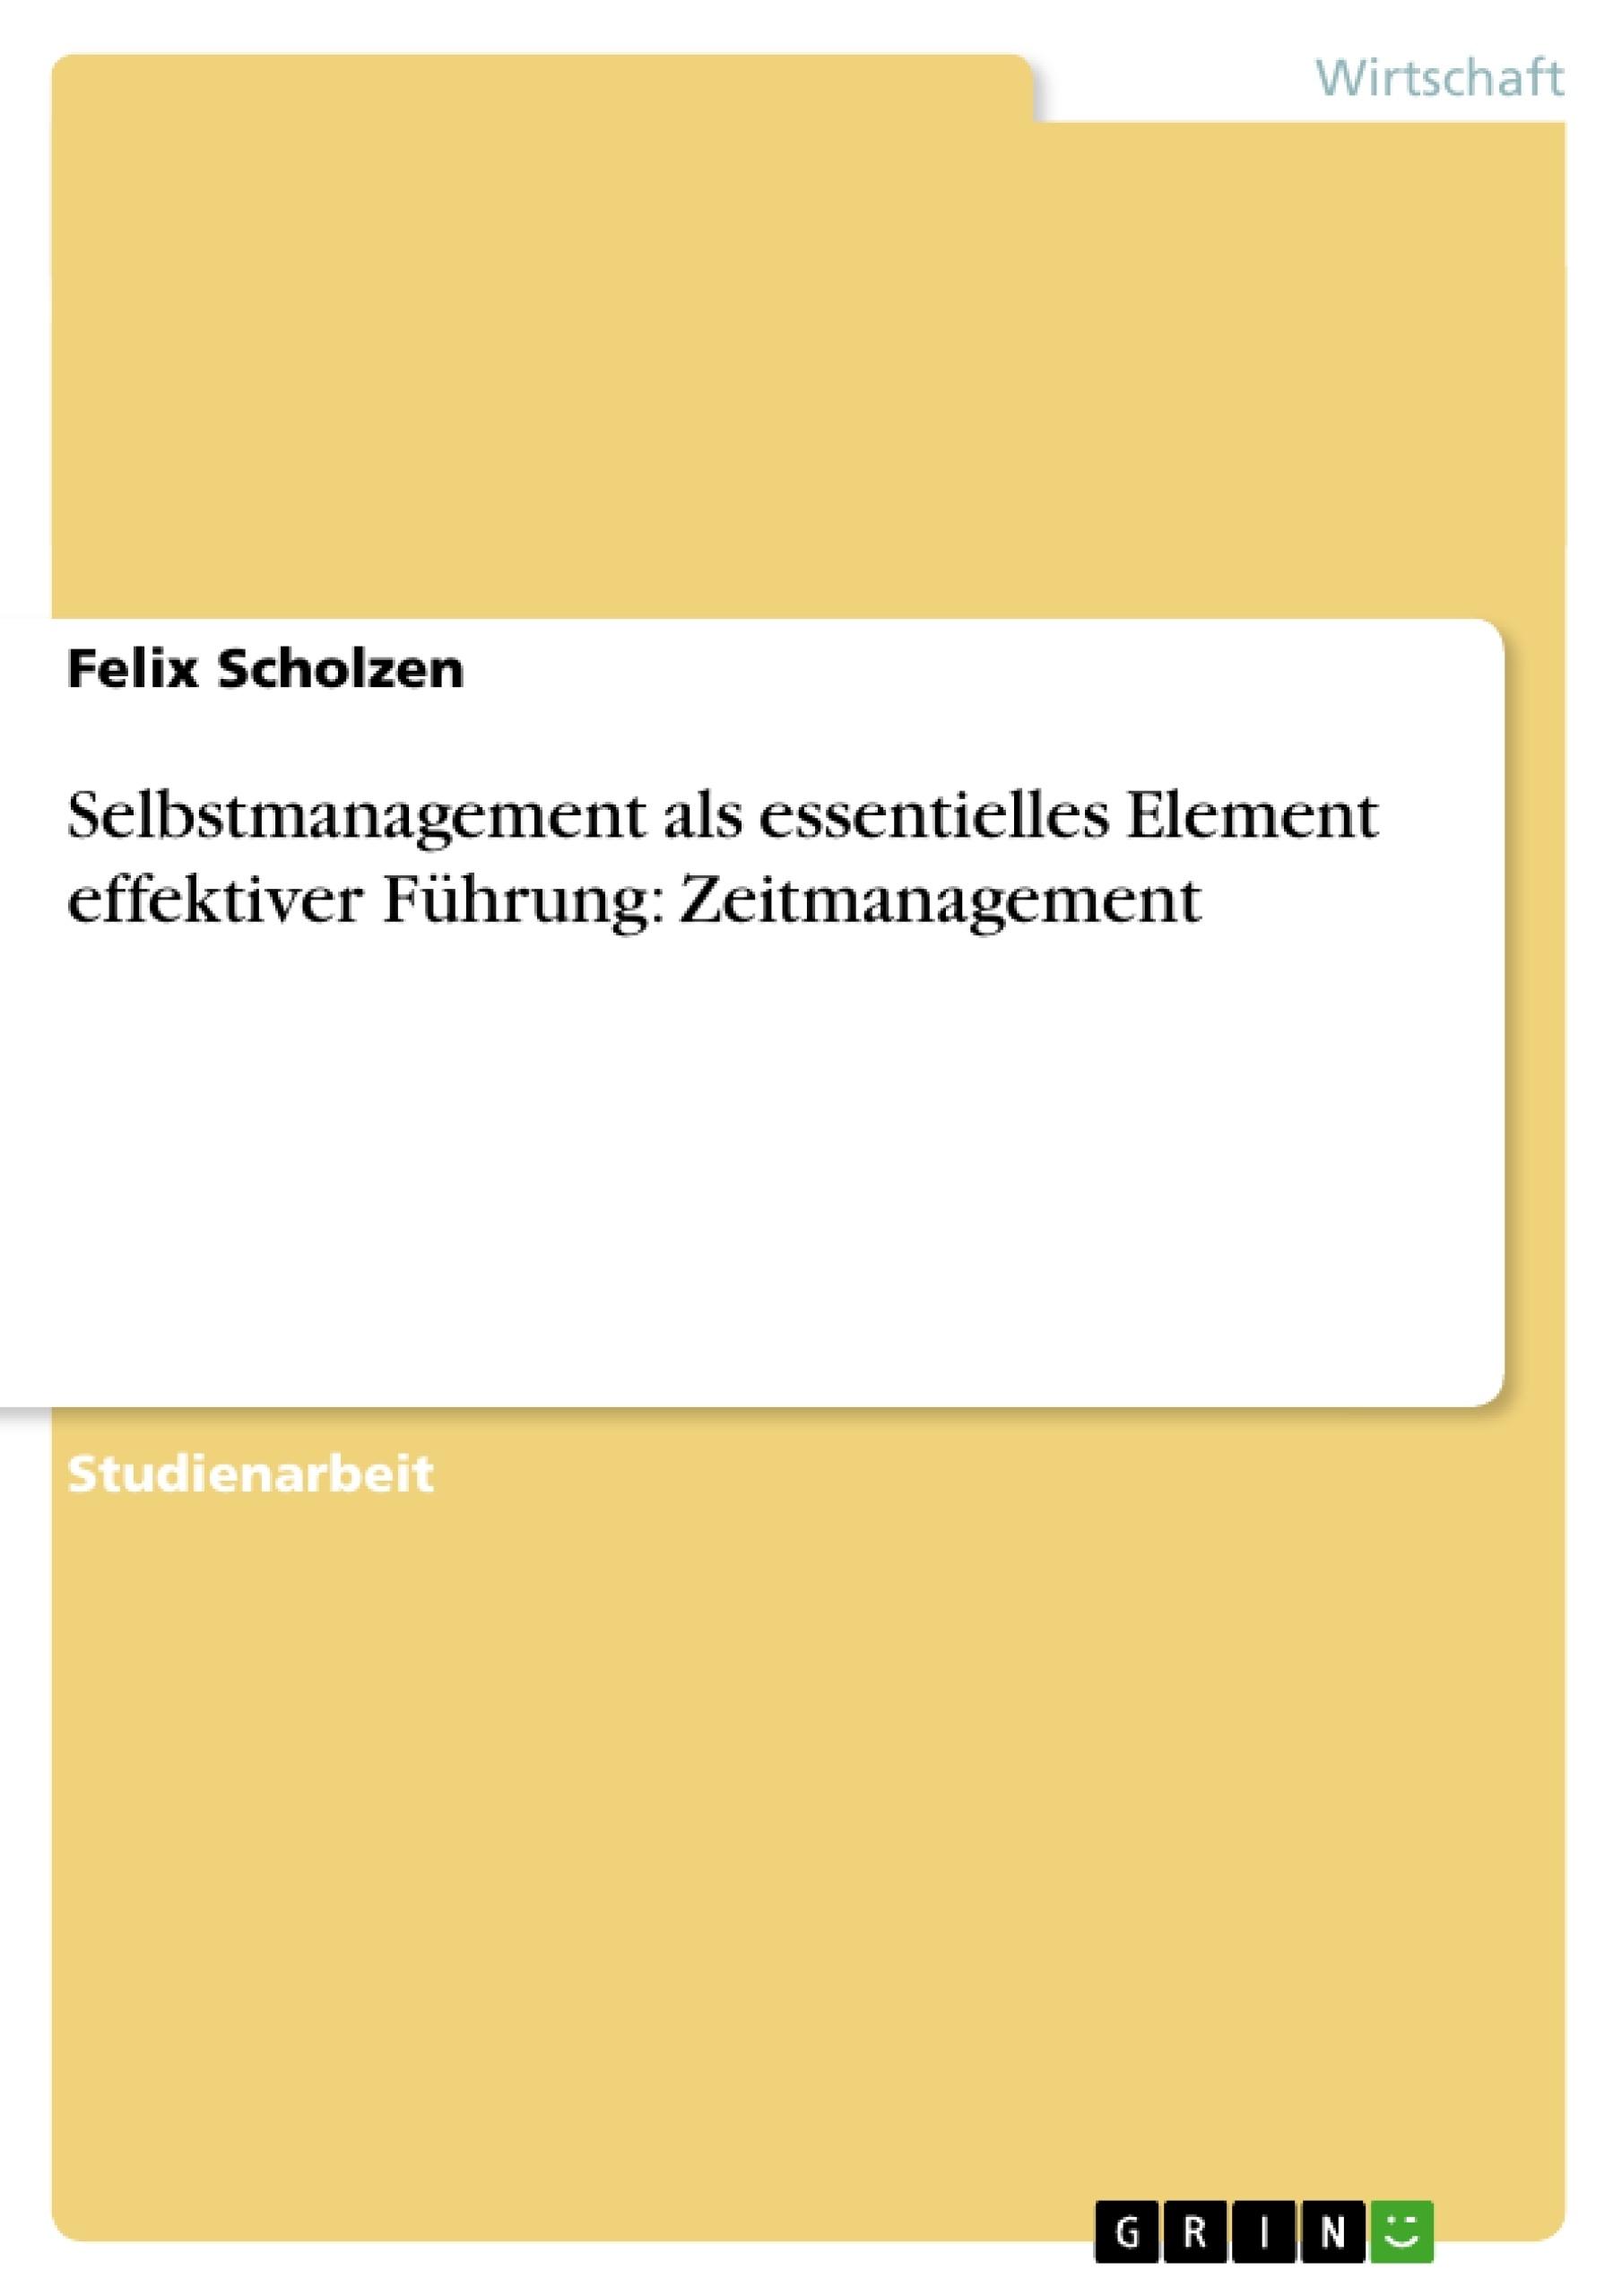 Titel: Selbstmanagement als essentielles Element effektiver Führung: Zeitmanagement